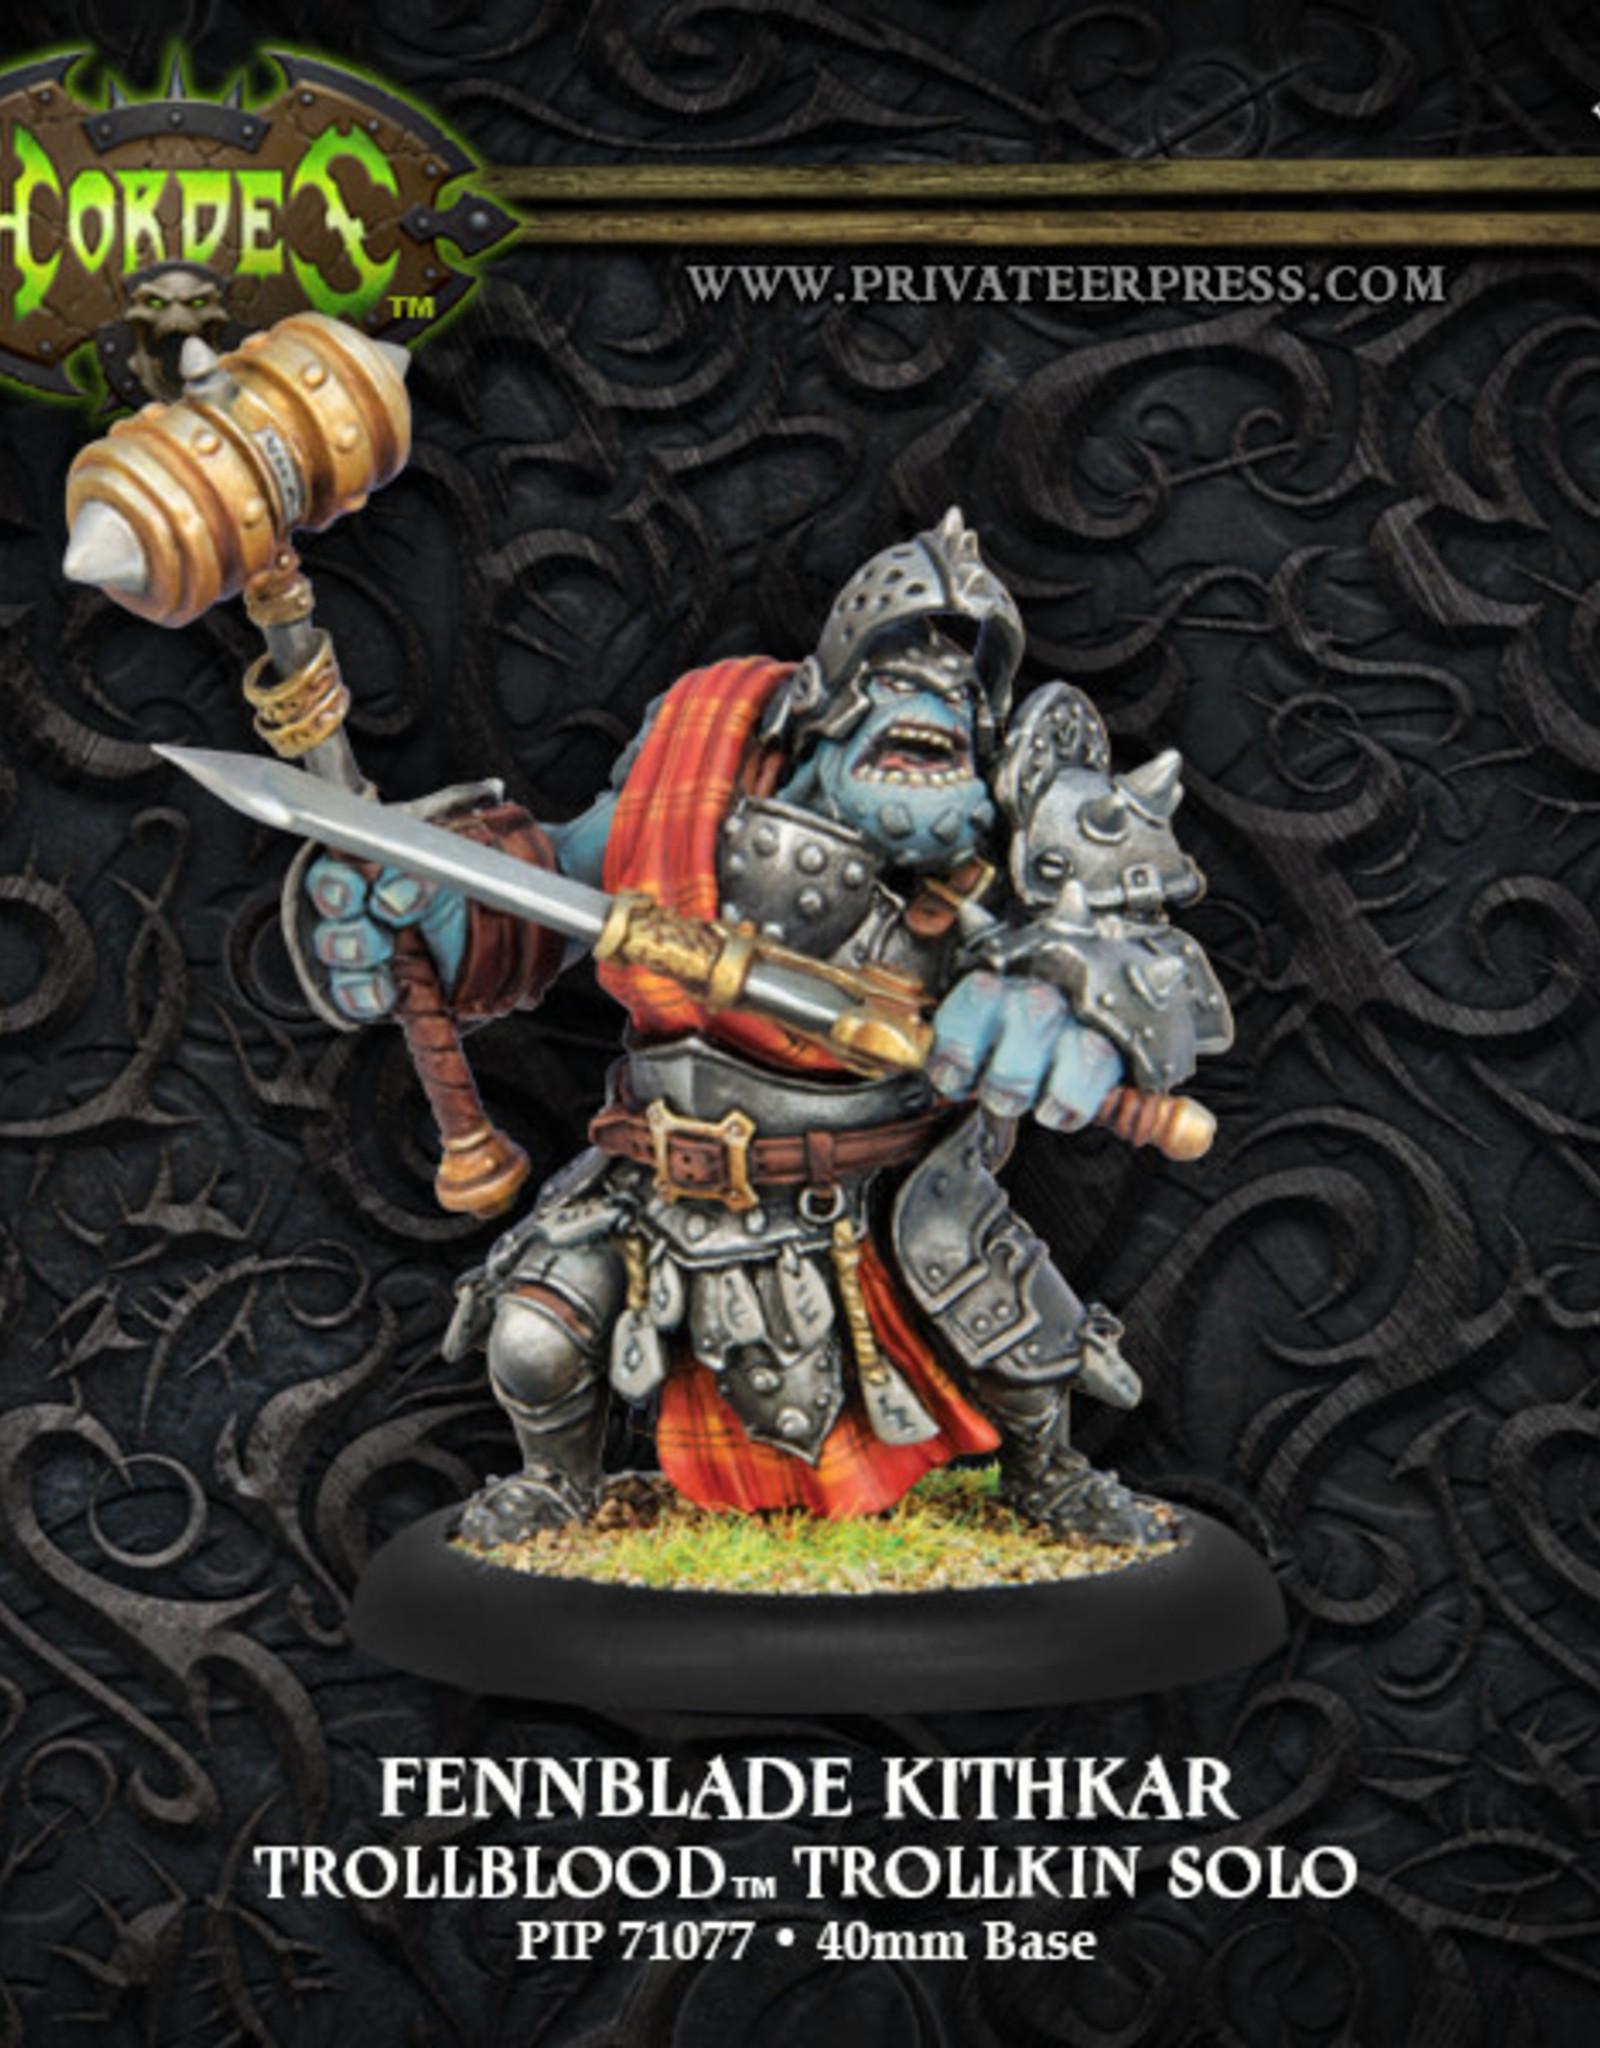 Hordes Trollbloods - Fennblade Kithkar